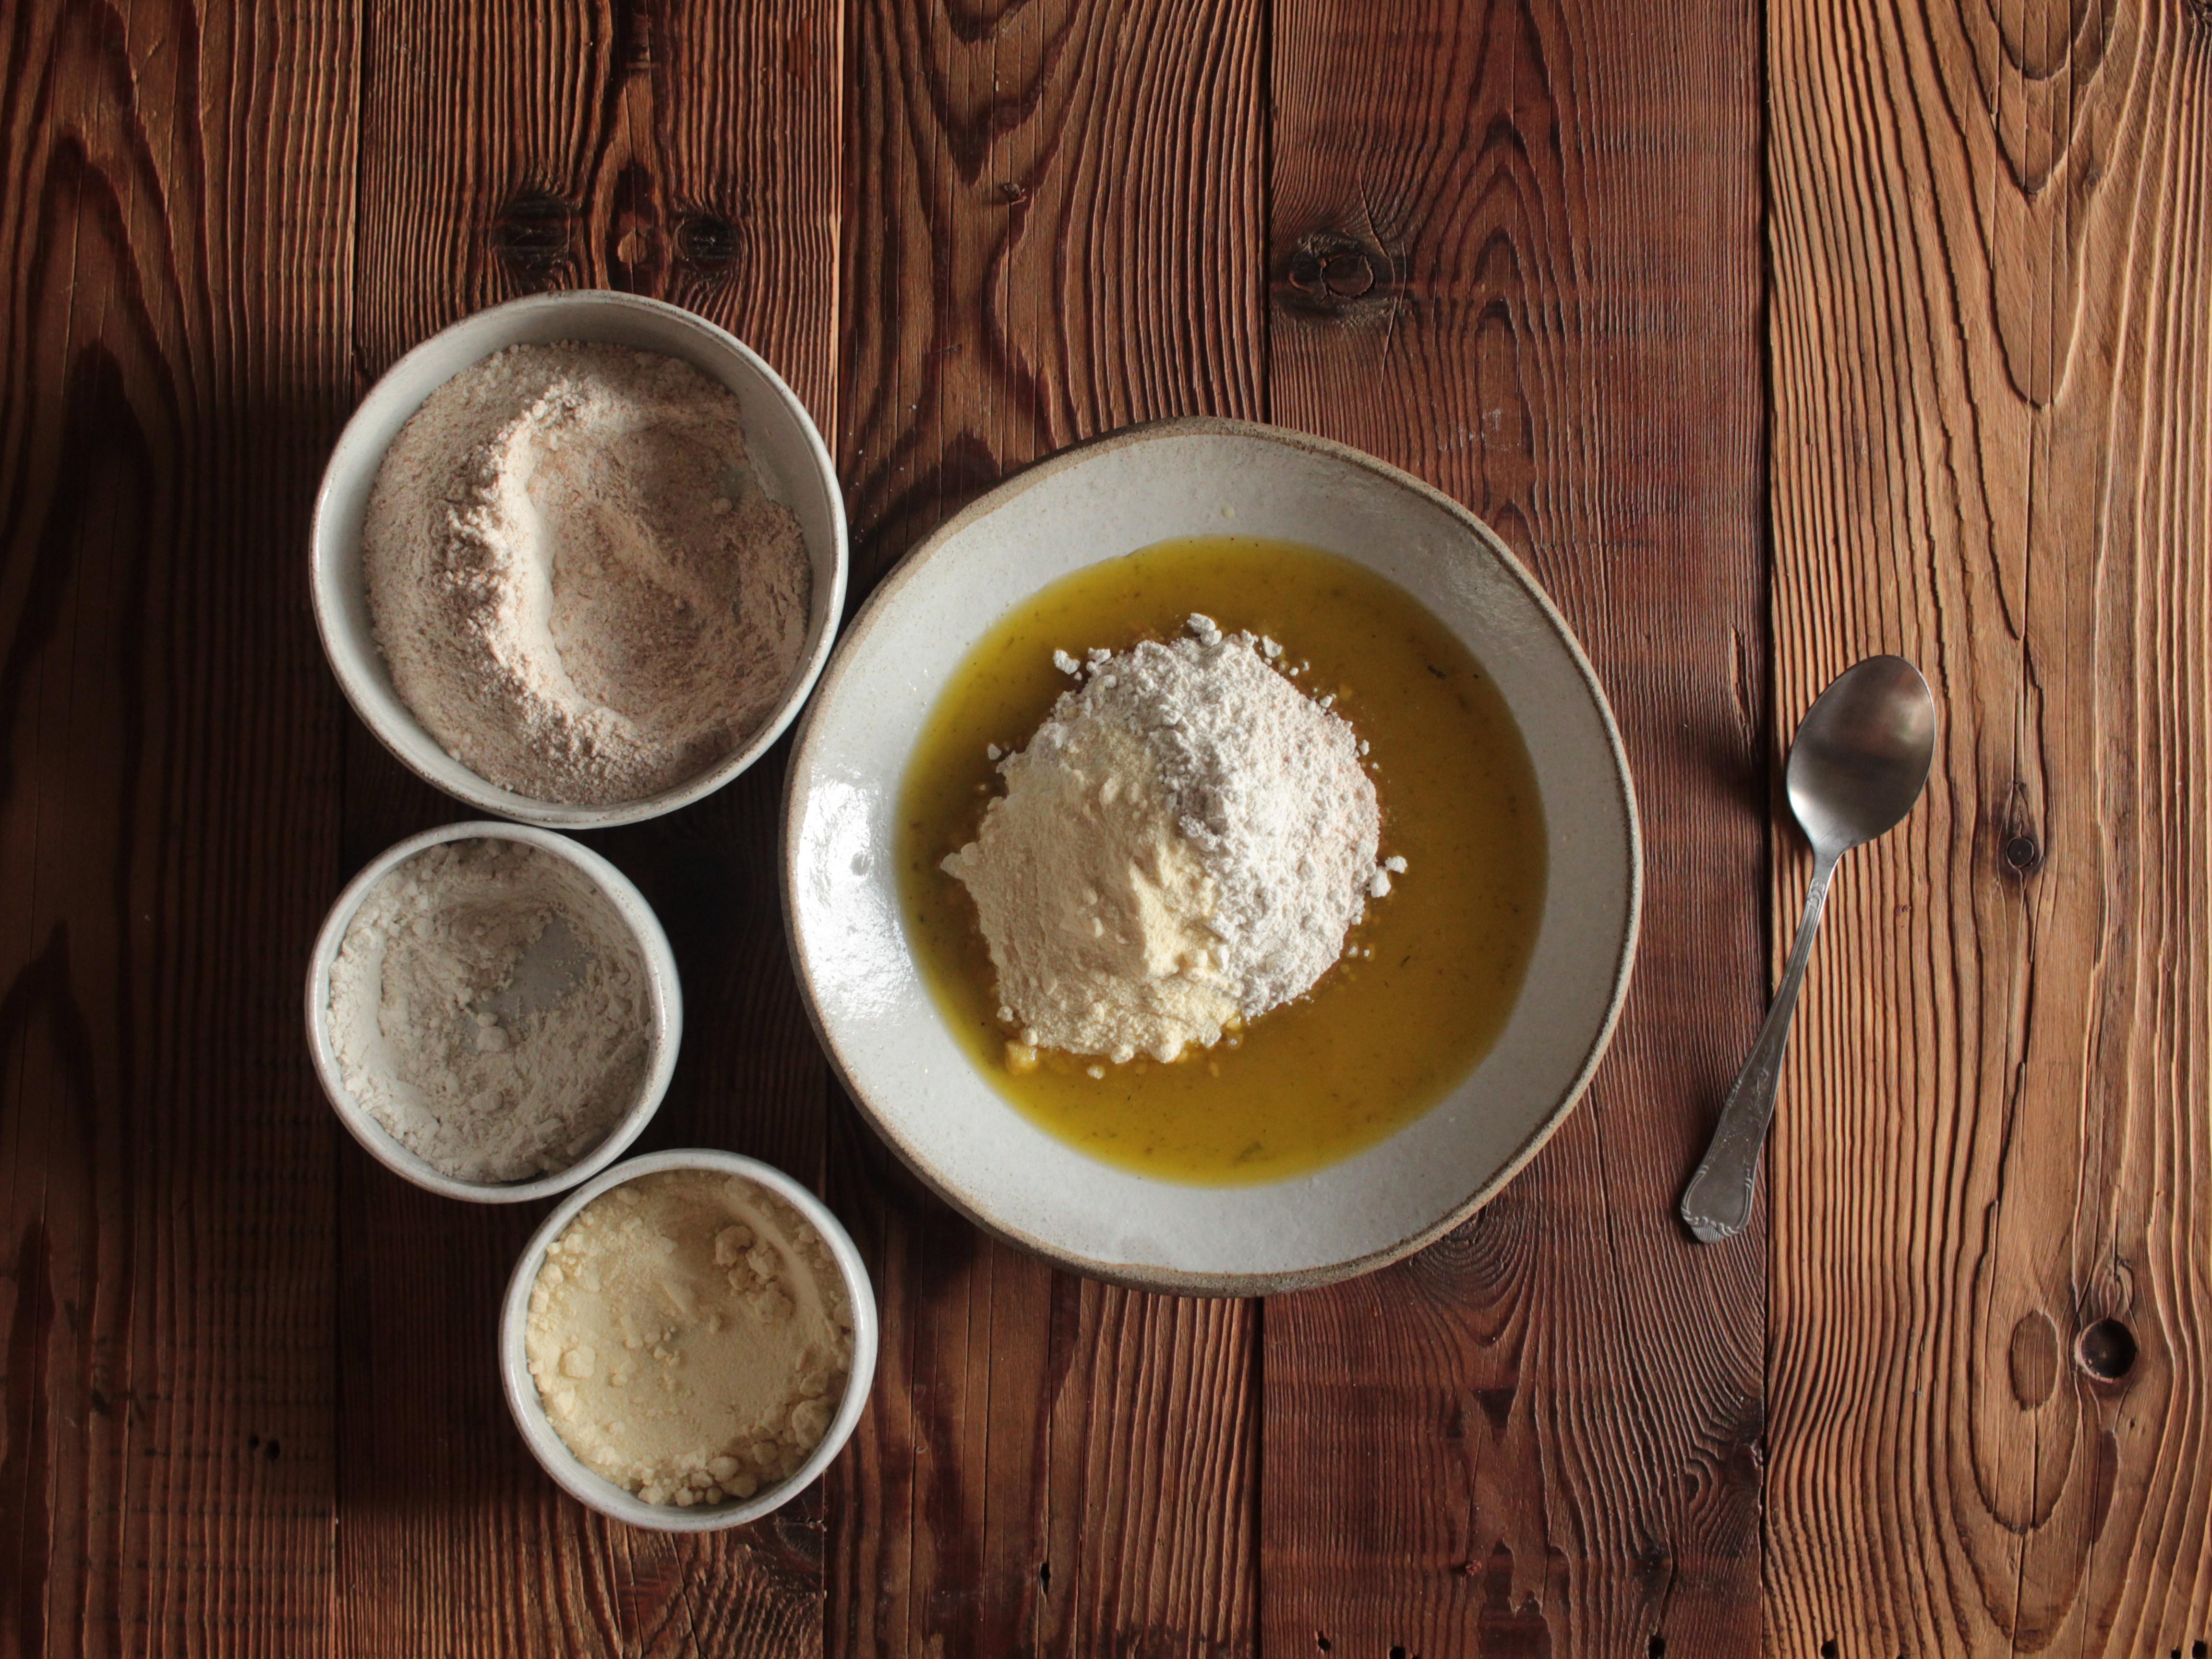 ingredienti per torta salata